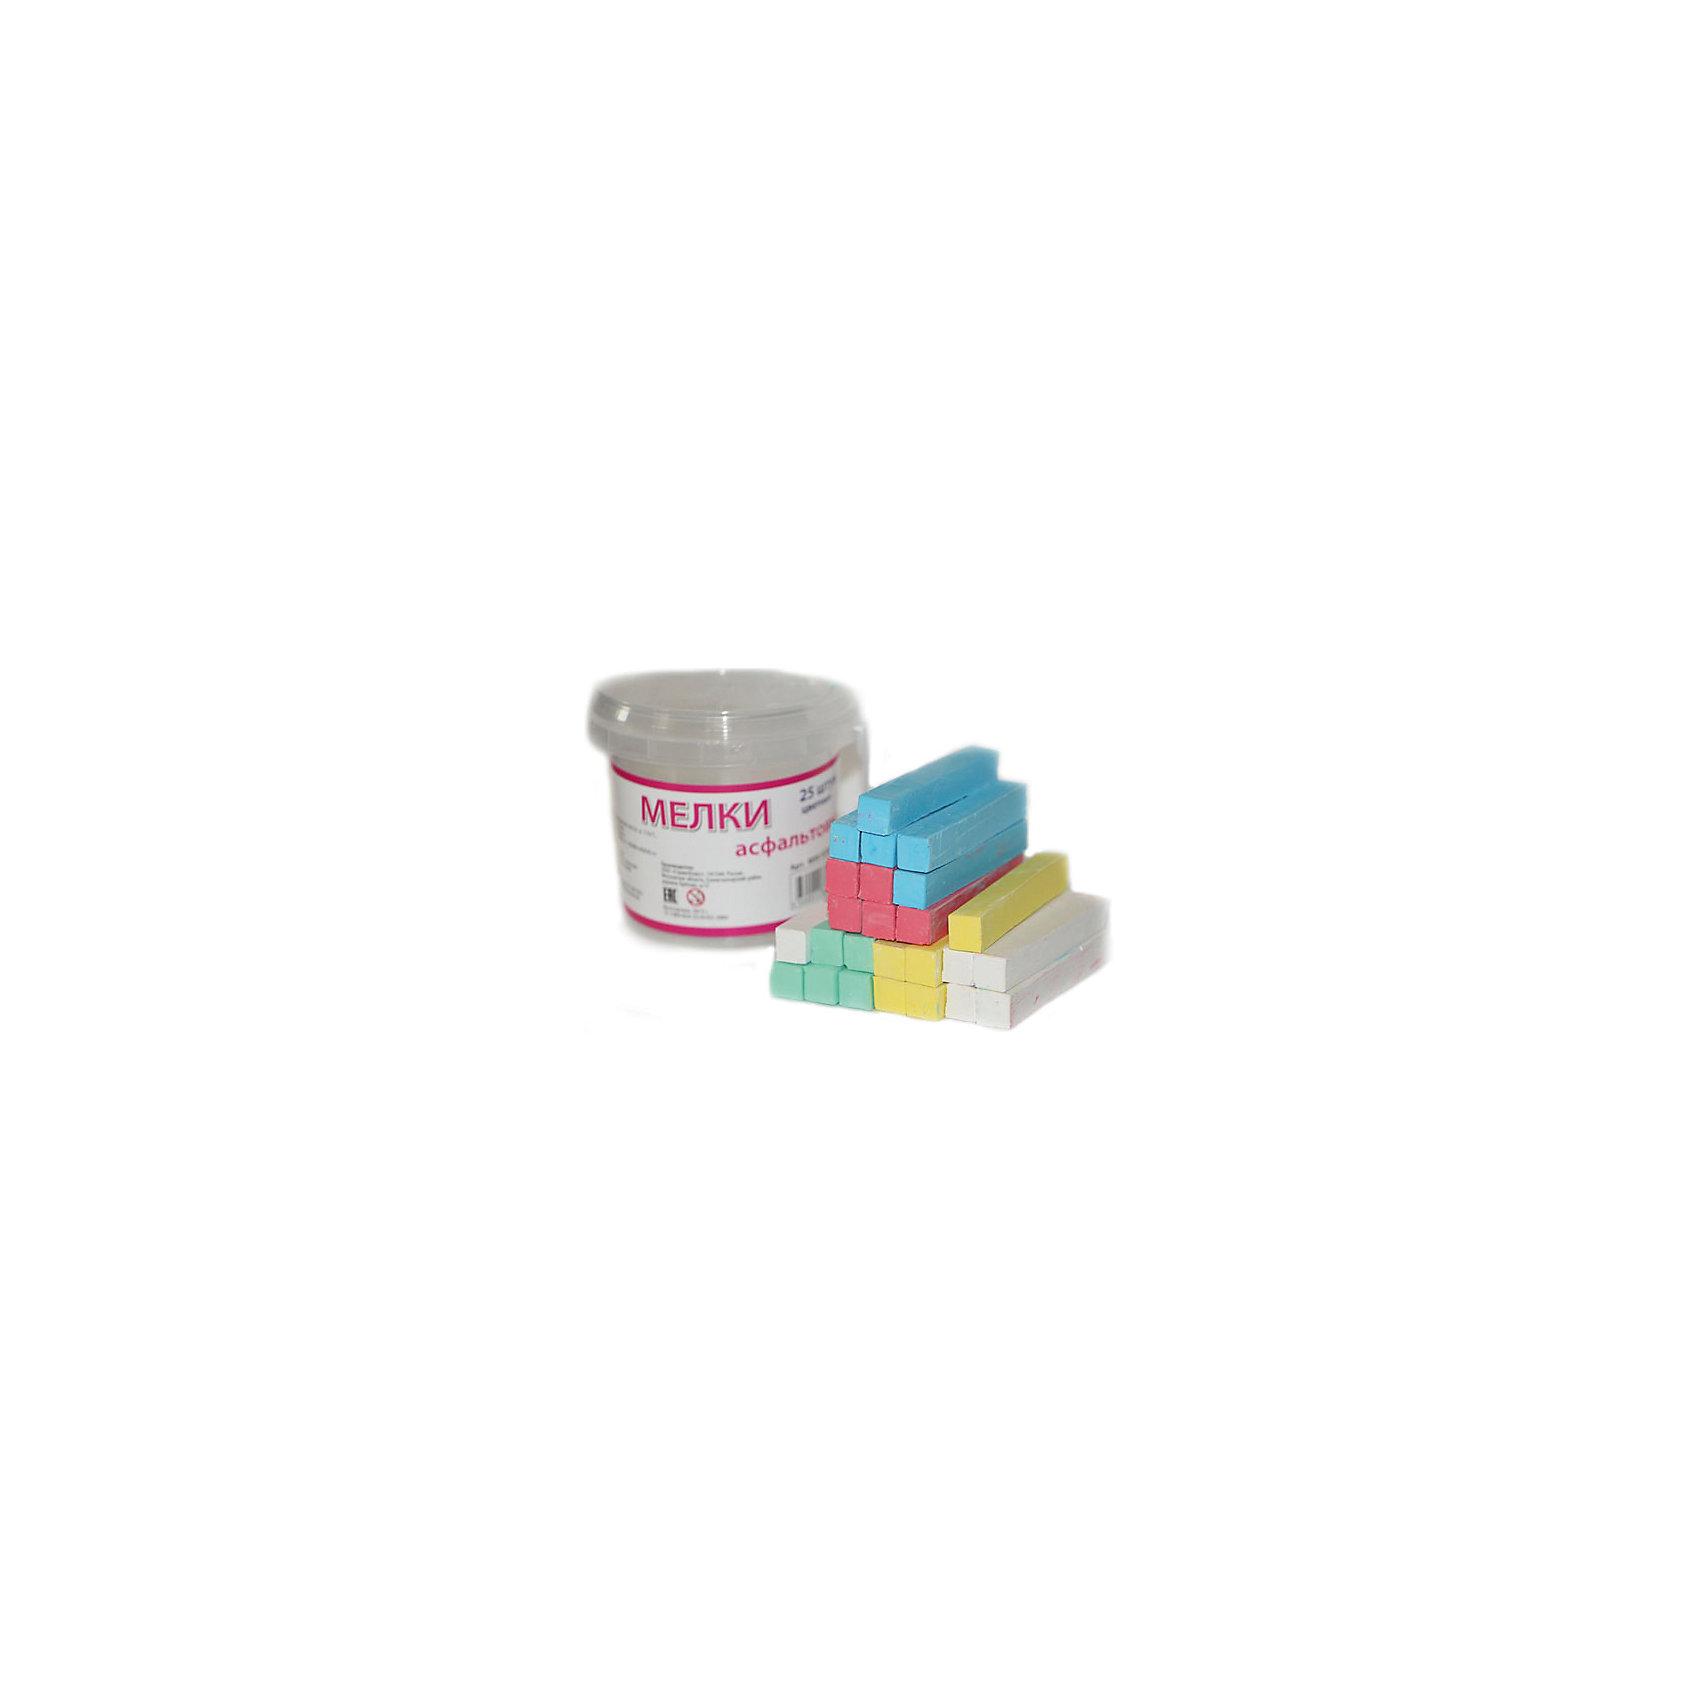 Мелки асфальтовые цветные, 25 штМелки для асфальта<br>Характеристики цветных асфальтных мелков :<br><br>• возраст: от 6 лет<br>• пол: для мальчиков и девочек<br>• материал: картон, пластик, краска.<br>• размер упаковки: 10х10х7 см.<br>• упаковка: картонная коробка.<br>• бред: Molly (Молли)<br>• страна обладатель бренда: Россия<br><br>Цветные мелки российского бренда Molly позволят Вашему малышу проявить свои творческие способности. Рисование мелом – это отличная возможность для самовыражения, а также развития художественных способностей. Фантазия маленького автора ограничена только размером холста, которым может служить как асфальтовая дорожка или школьная доска, так и обычная бумага или ткань. <br><br>Мелки имеют удобные размер и форму, не крошатся, не царапаются и легко счищаются, если попали на одежду. Несколько вариантов мелков, которые представлены в наборе, позволят маленькому художнику создавать разноцветные рисунки с использованием зеленого, голубого, белого, желтого и красного цветов.<br><br>Мелки асфальтовые цветные торговой марки Molly (Молли) можно купить в нашем интернет-магазине.<br><br>Ширина мм: 100<br>Глубина мм: 85<br>Высота мм: 75<br>Вес г: 300<br>Возраст от месяцев: 72<br>Возраст до месяцев: 144<br>Пол: Унисекс<br>Возраст: Детский<br>SKU: 5417722